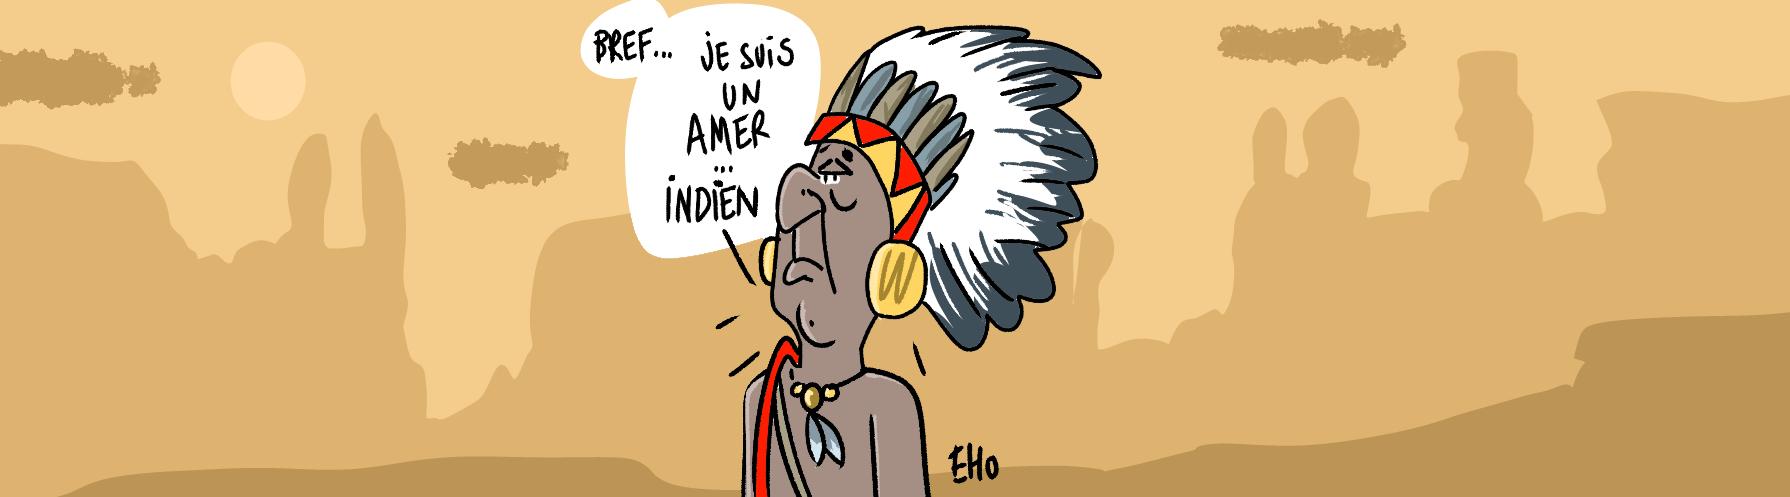 journée solidarité des peuples amérindiens